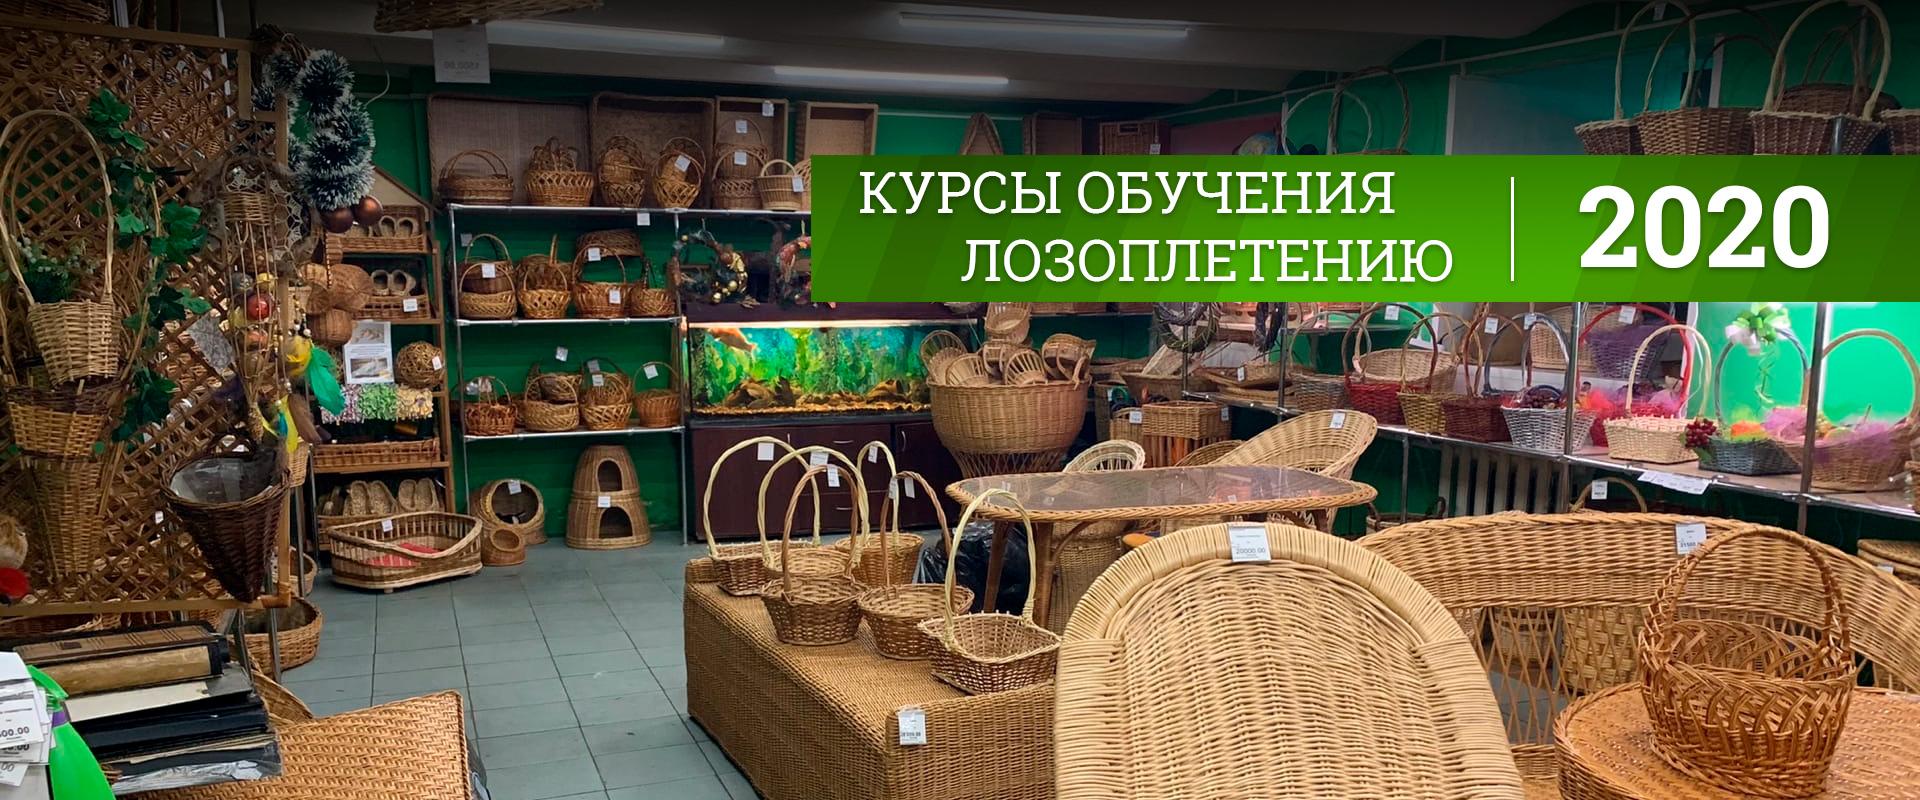 http://www.russkaya-iva.ru/image/cache/catalog/slideshow/kurs1y-1920x800.jpg